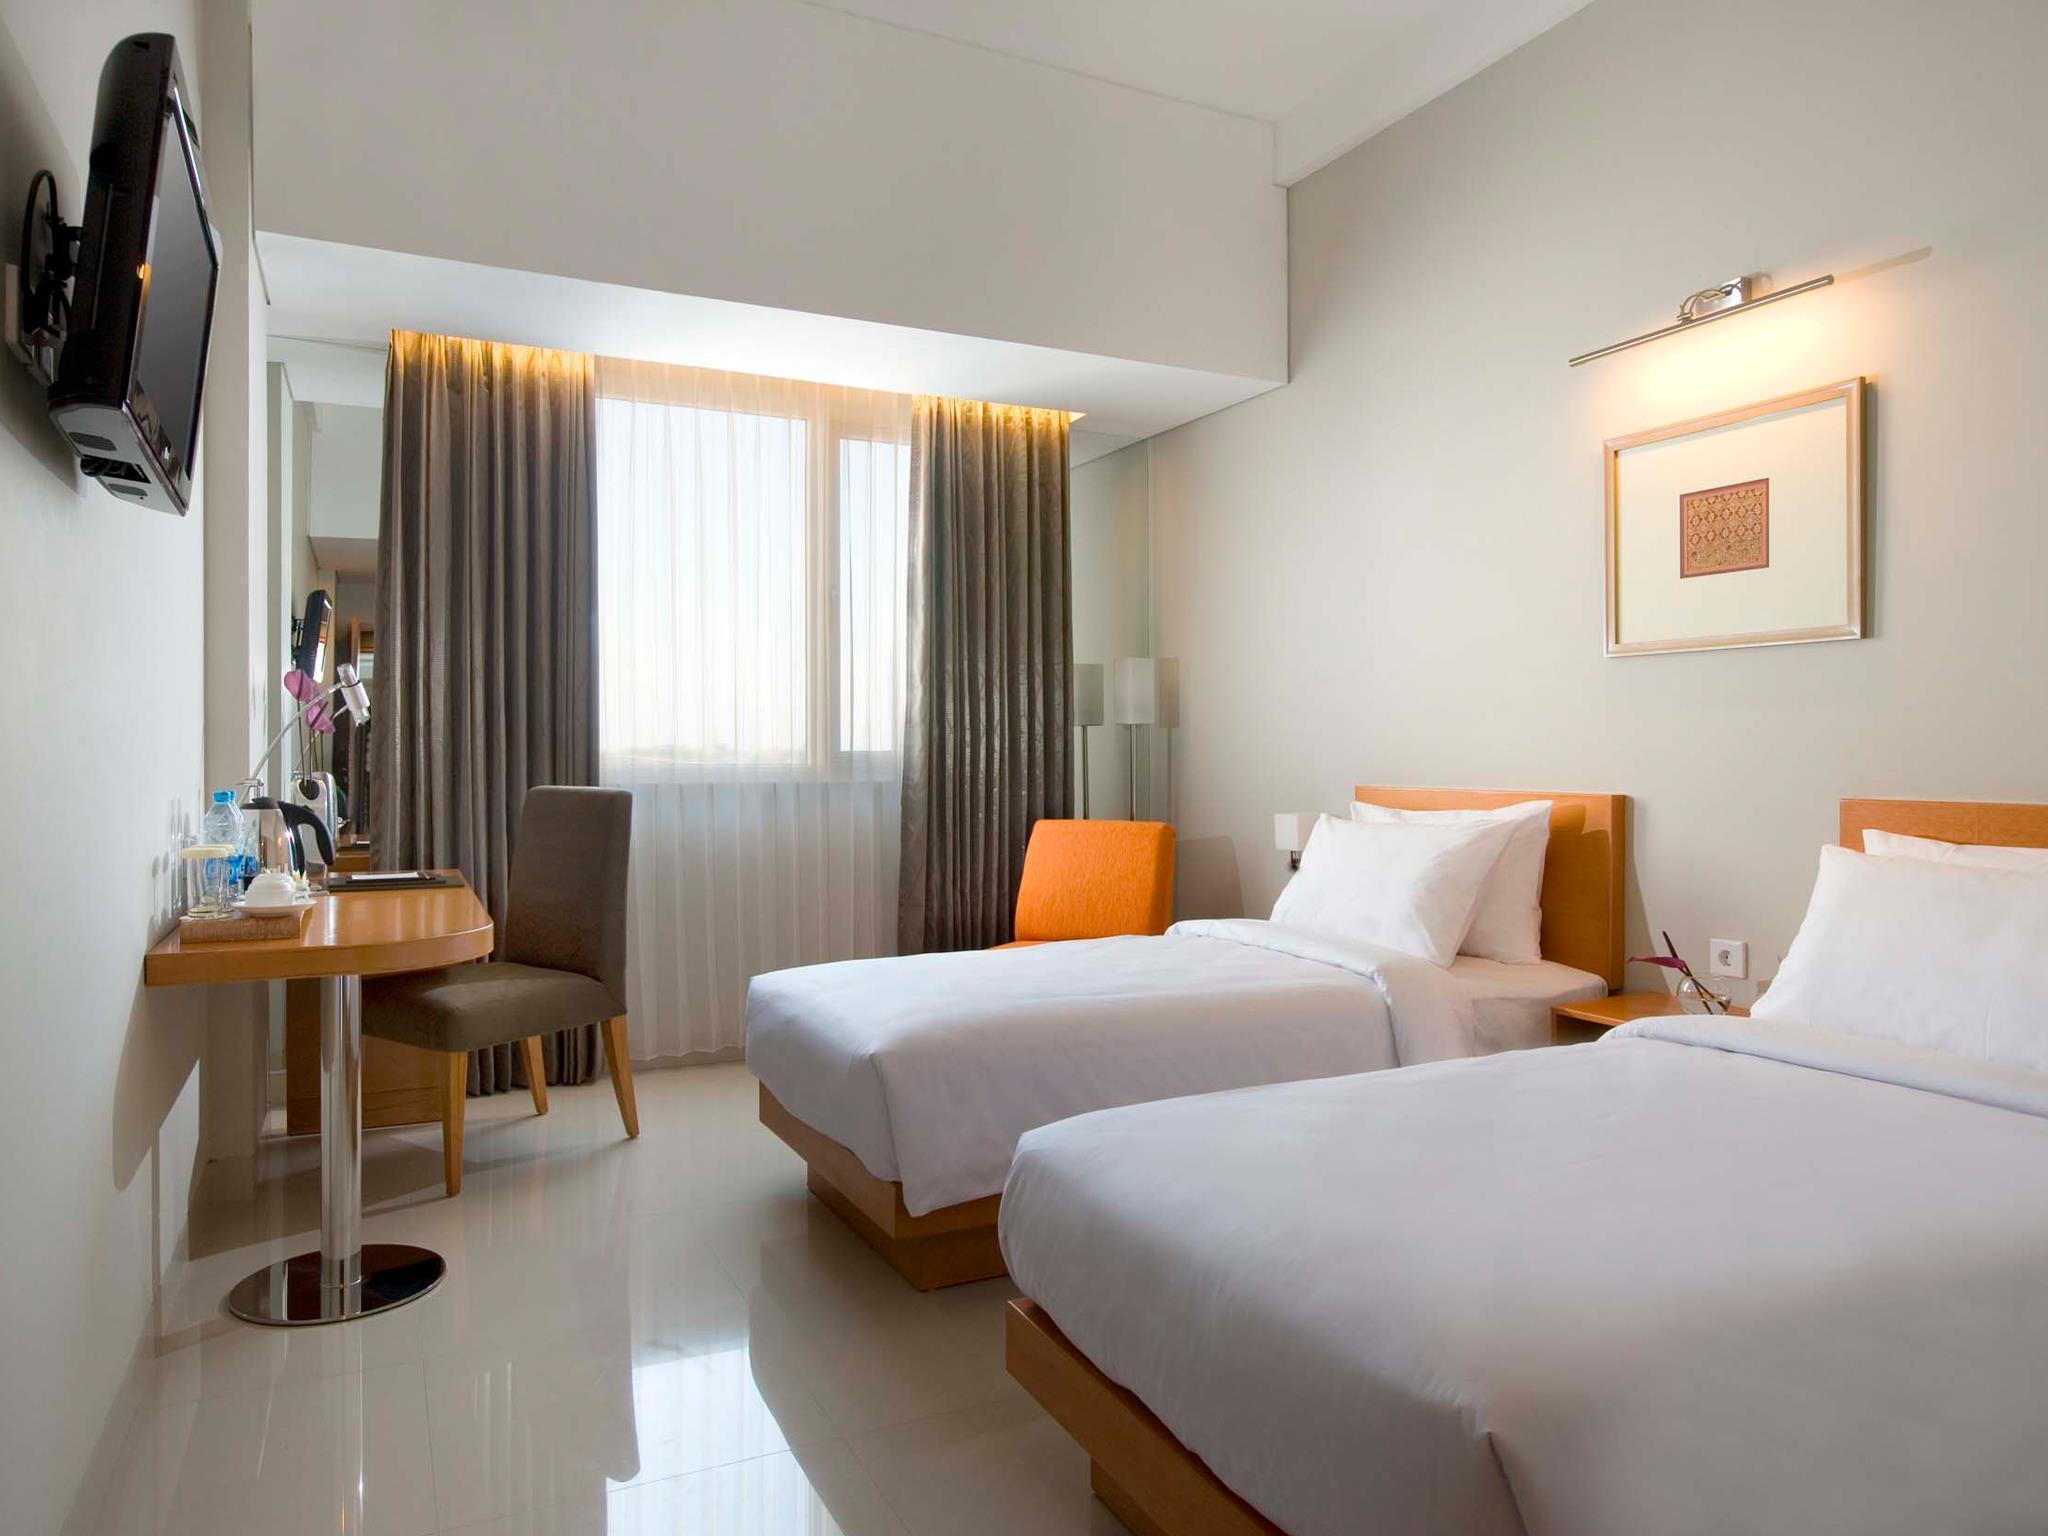 harga Hotel Santika Jemursari murah